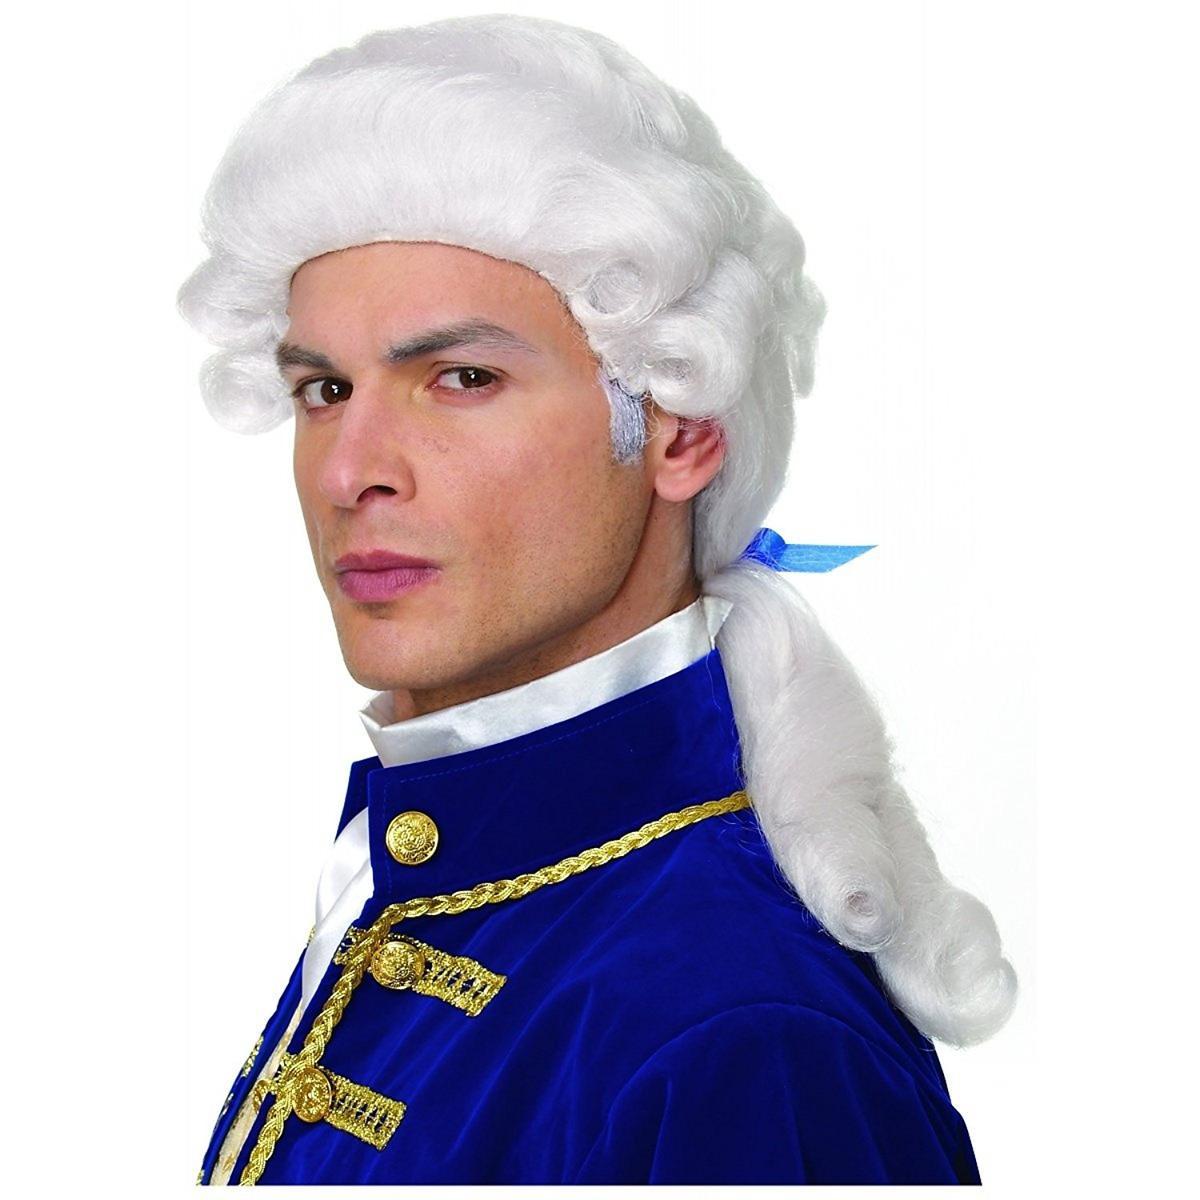 ジョージ・ワシントン コスプレ 仮装 かつら ウィッグ 大人 アメリカ 大統領